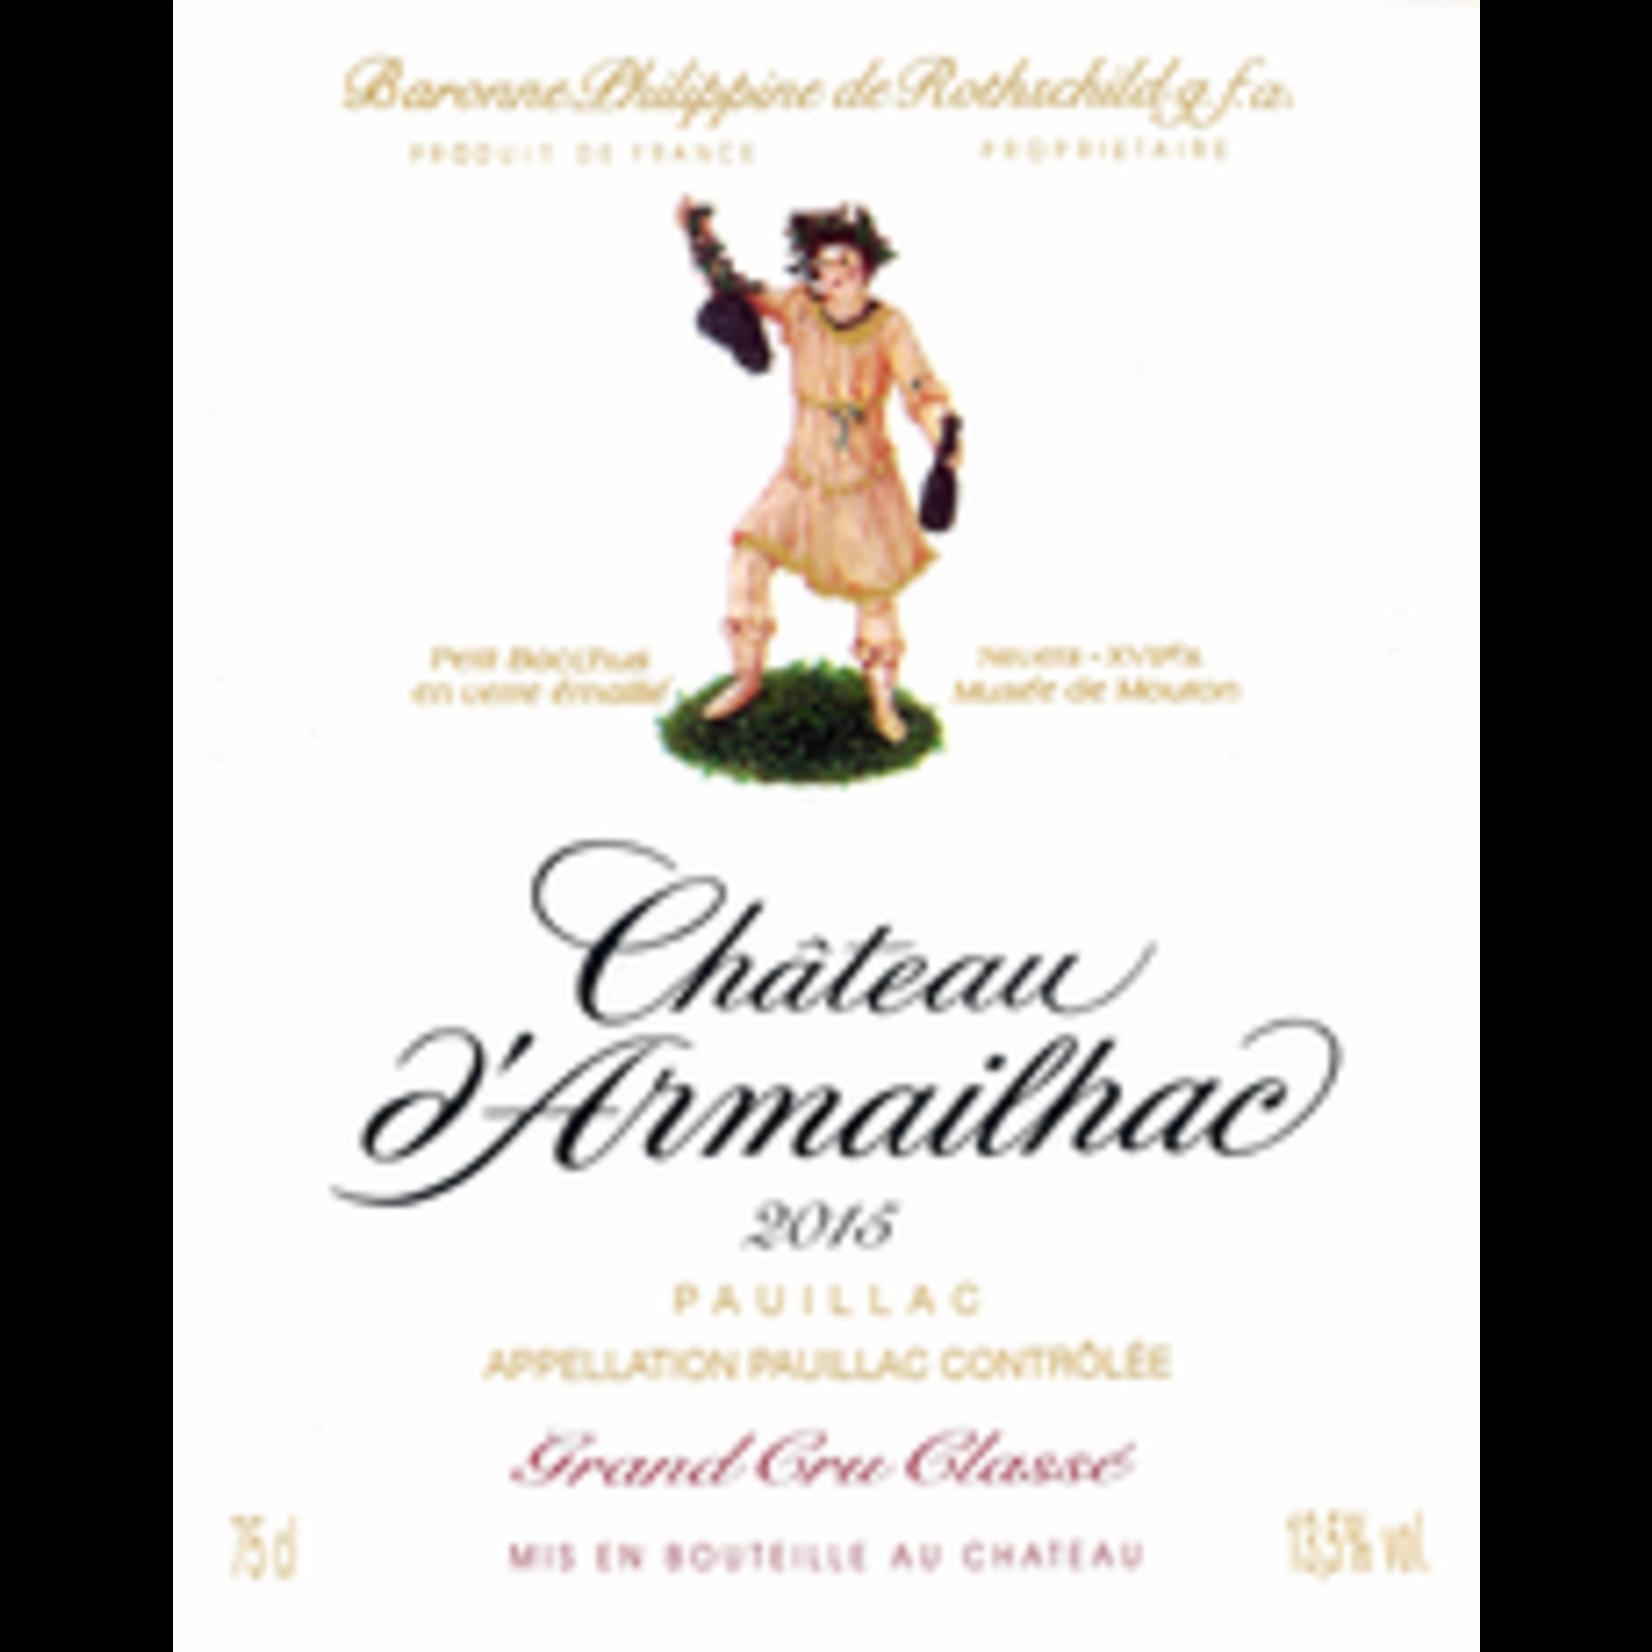 Wine Chateau d'Armailhac  2015